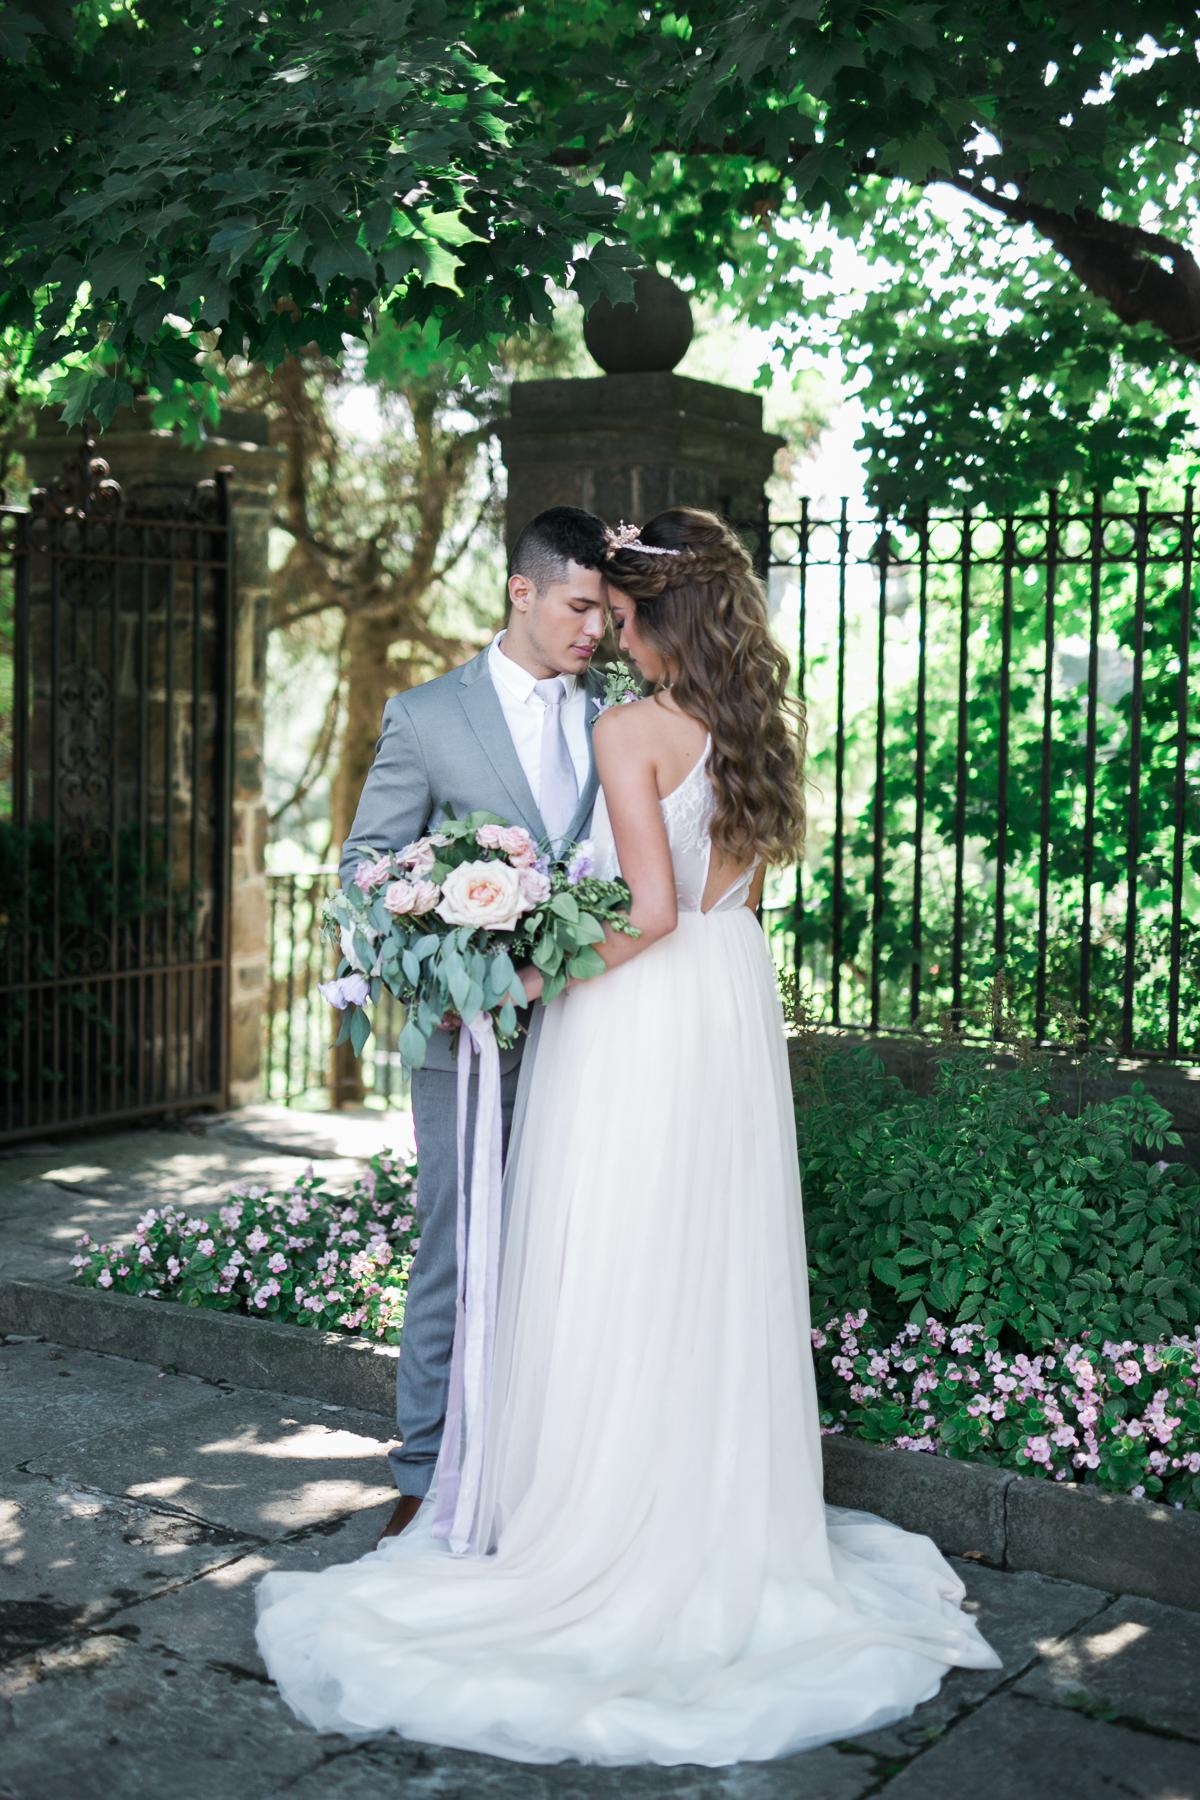 August In Bloom - Bride and groom - Fairytale Wedding (Wedluxe)